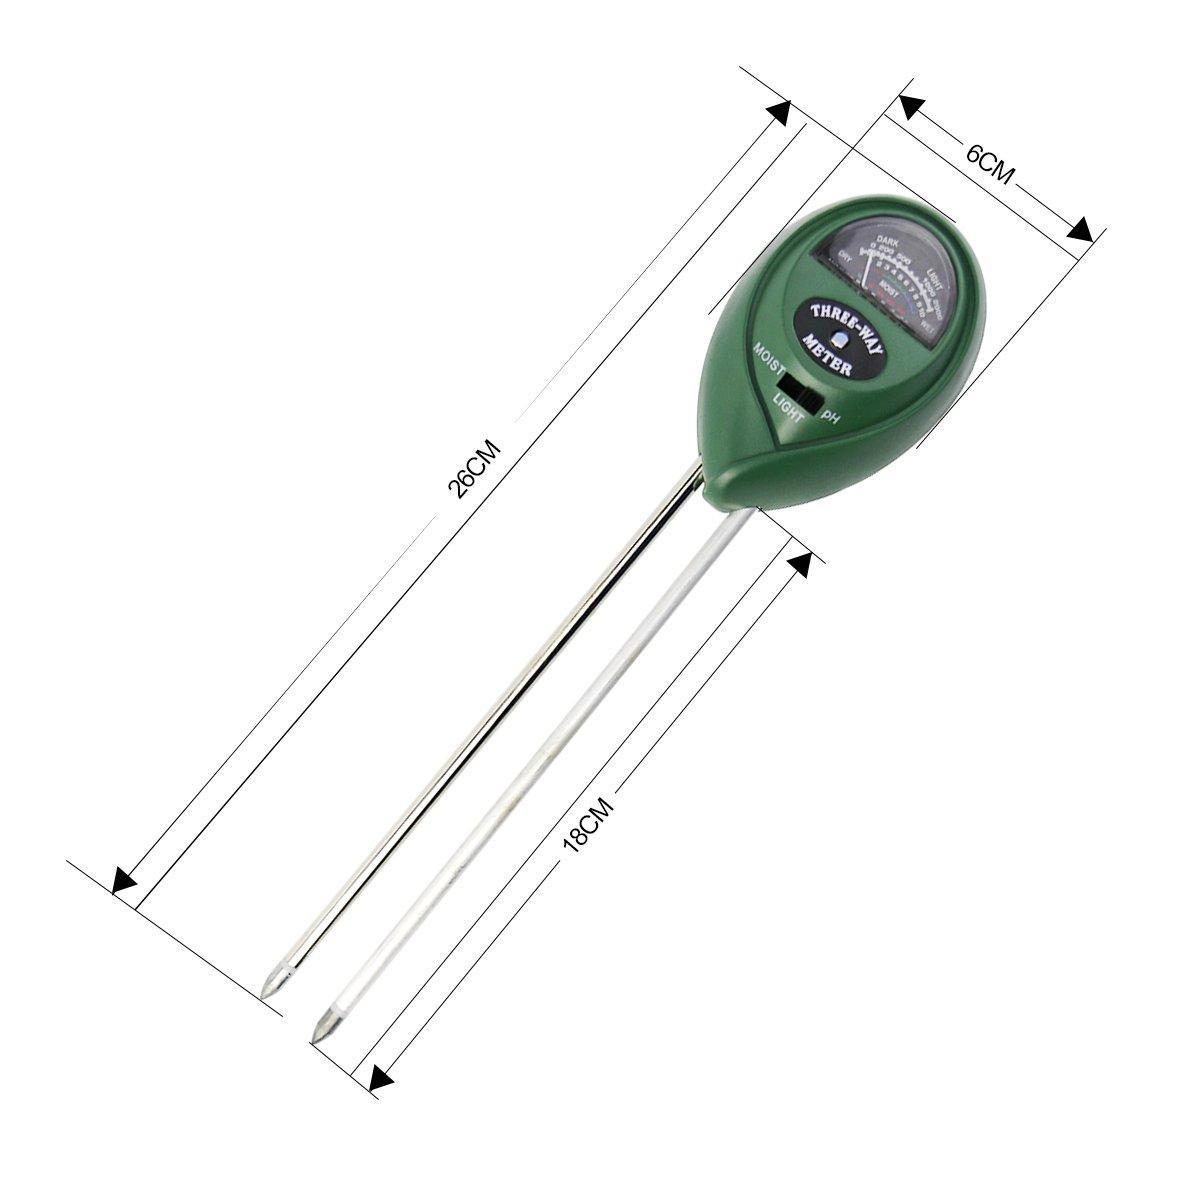 3-in-1 Soil Tester Moisture Meter,ALLESCOOL PH Acidity Tester, Soil pH Tester Kit for Garden, Farm, Lawn Plants Care ( No Batteries Needed)